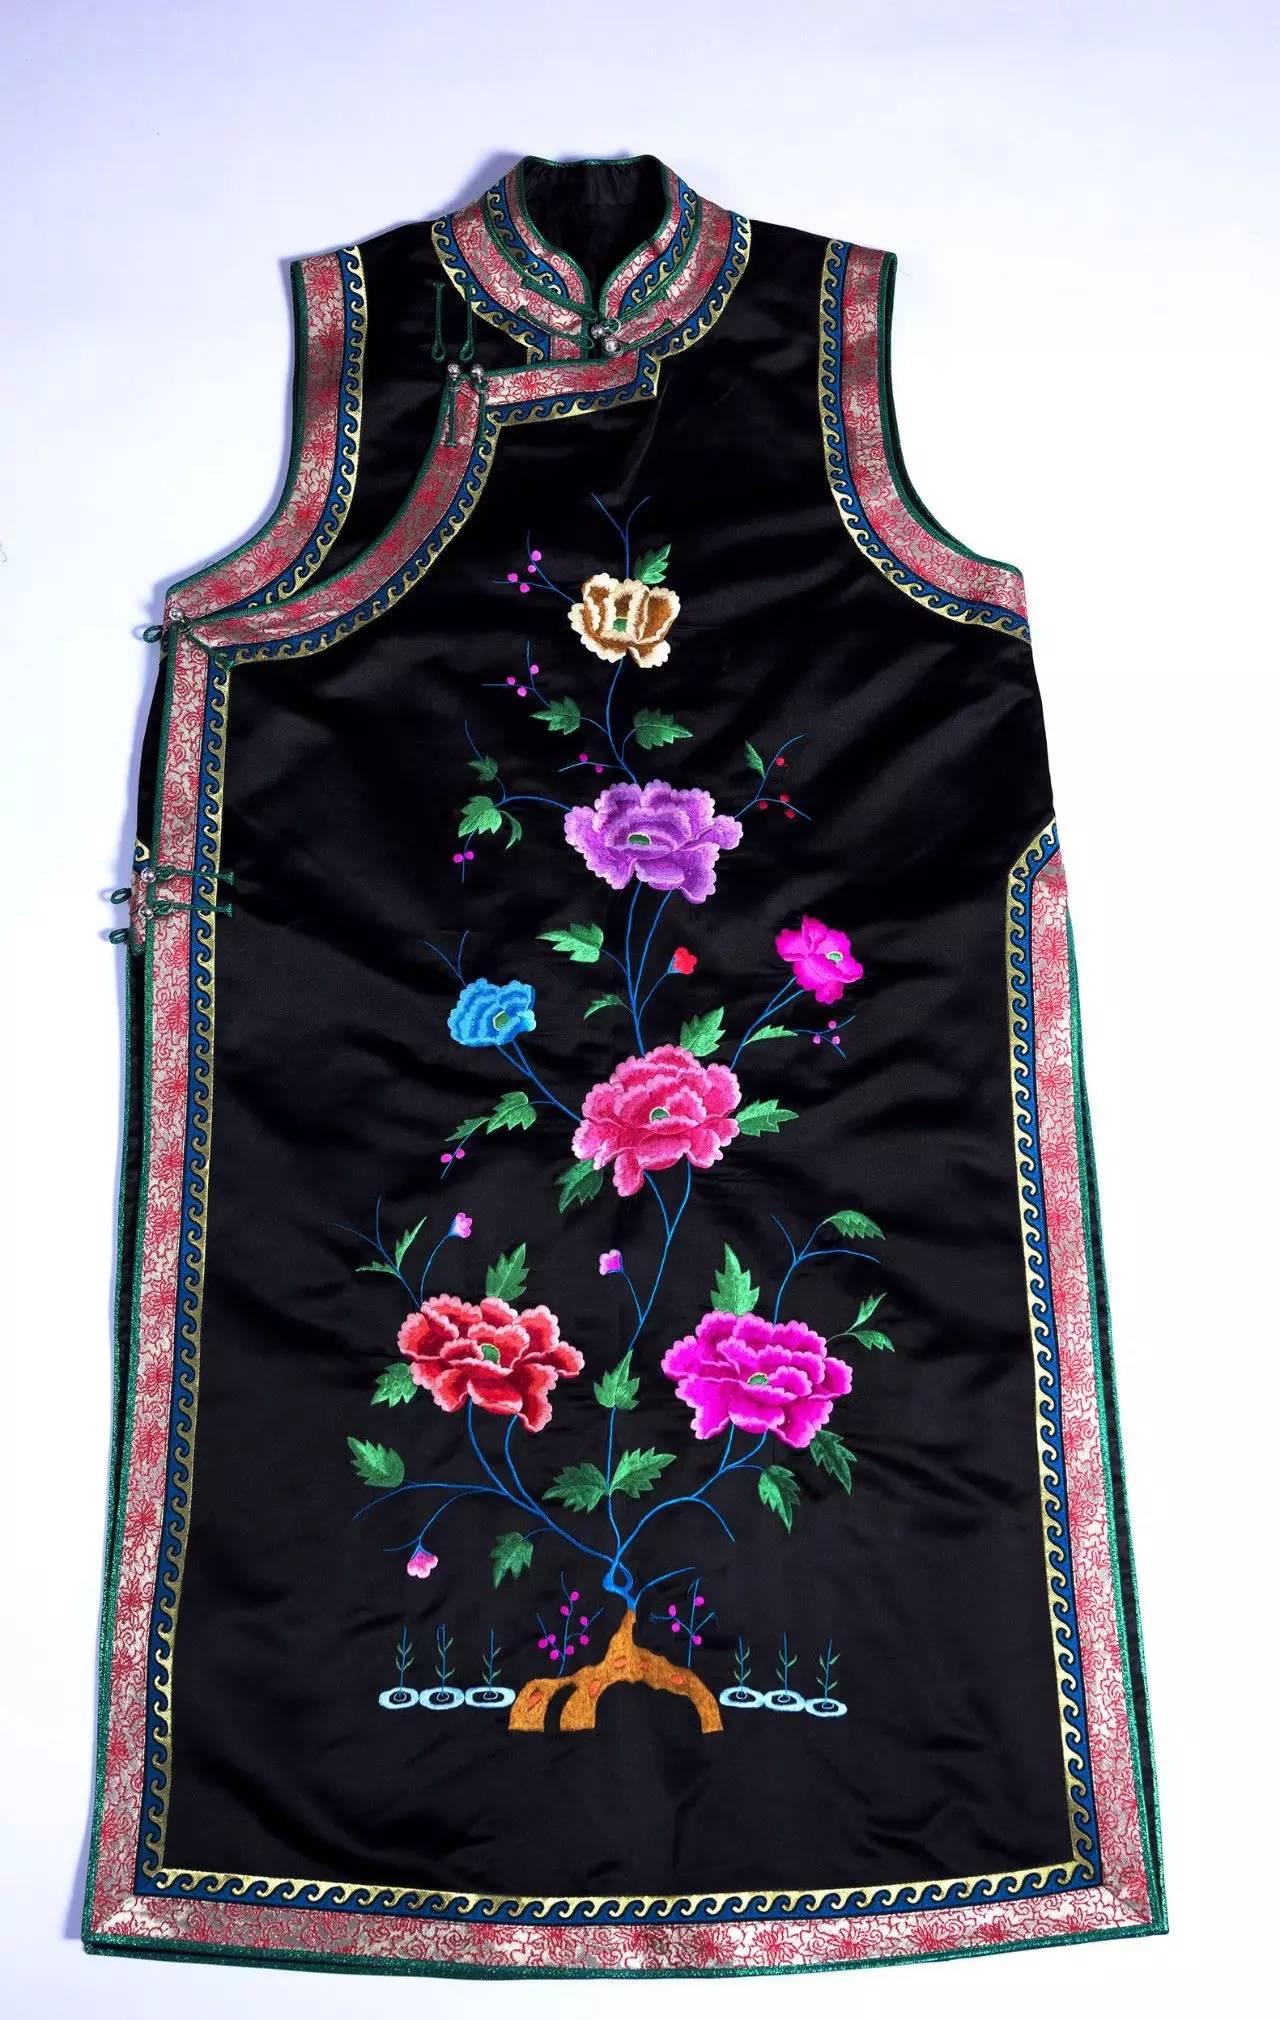 蒙古族刺绣非遗传承人——萨义玛 第10张